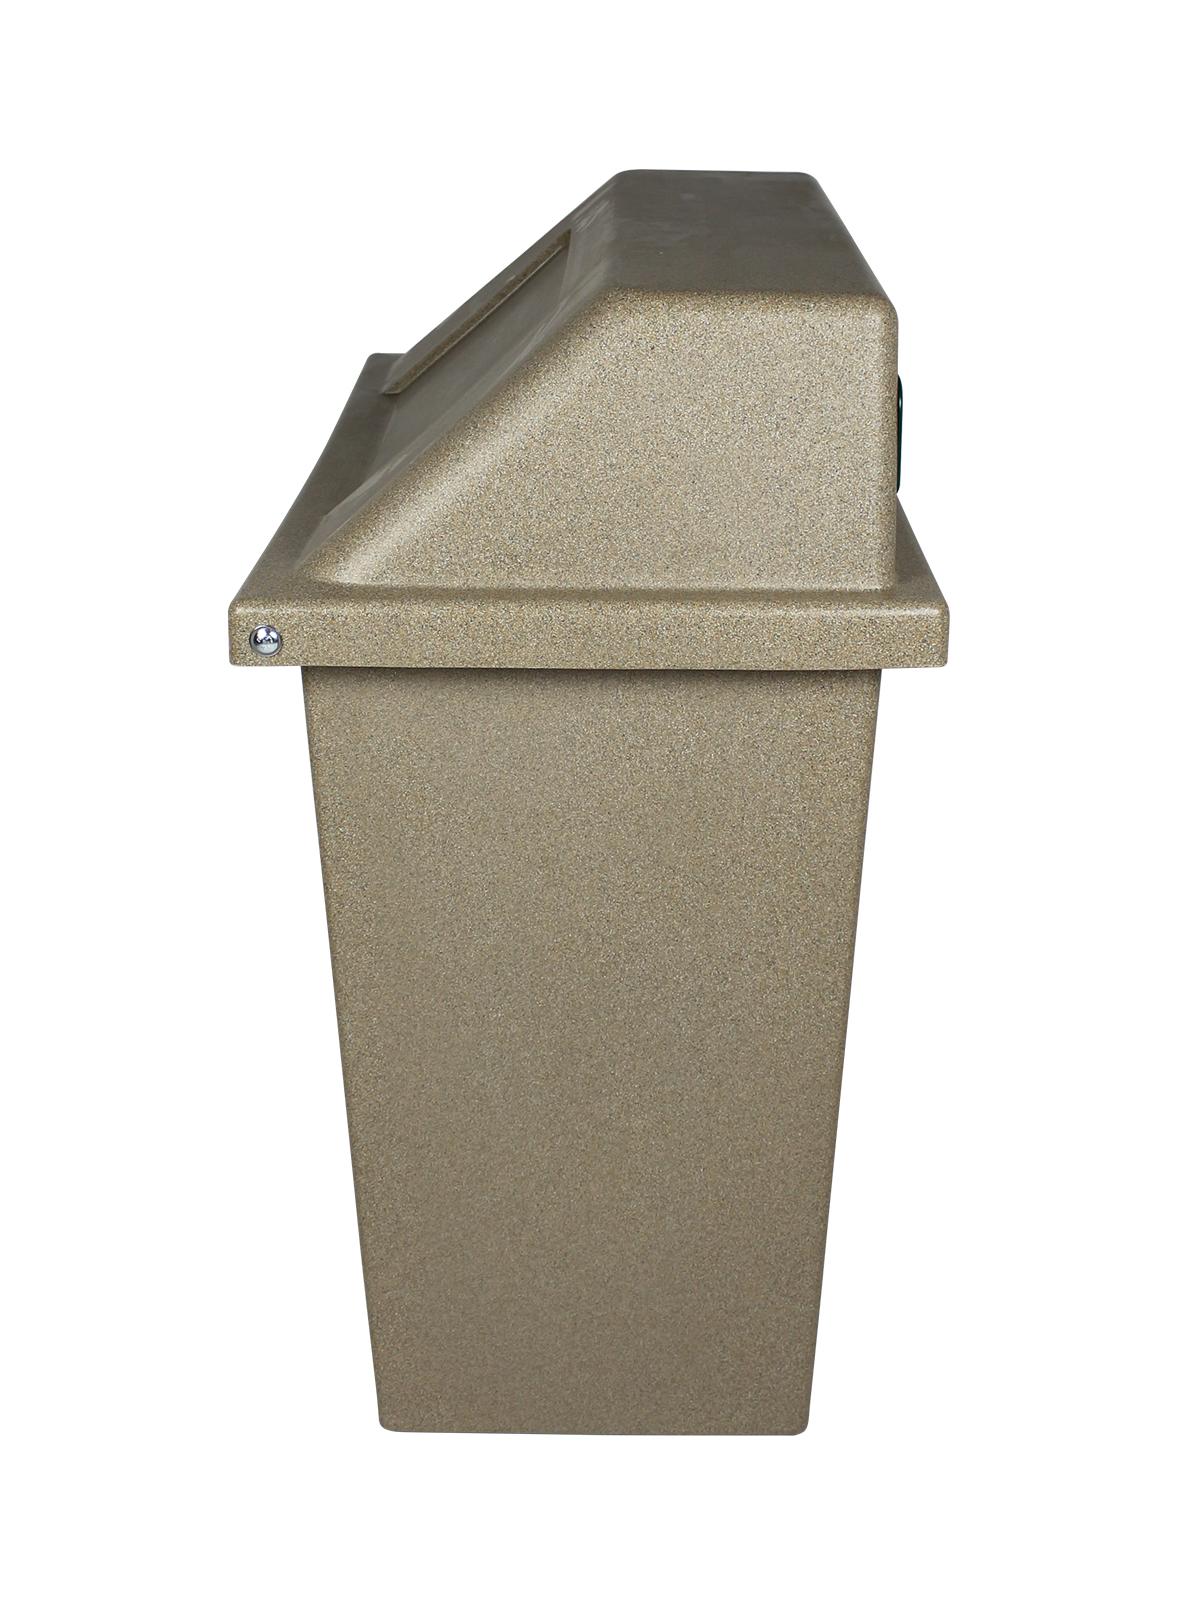 SUPER SORTER - Triple - Hd - Cans & Bottles-Paper-Waste - Circle-Slot-Full - Sandstone